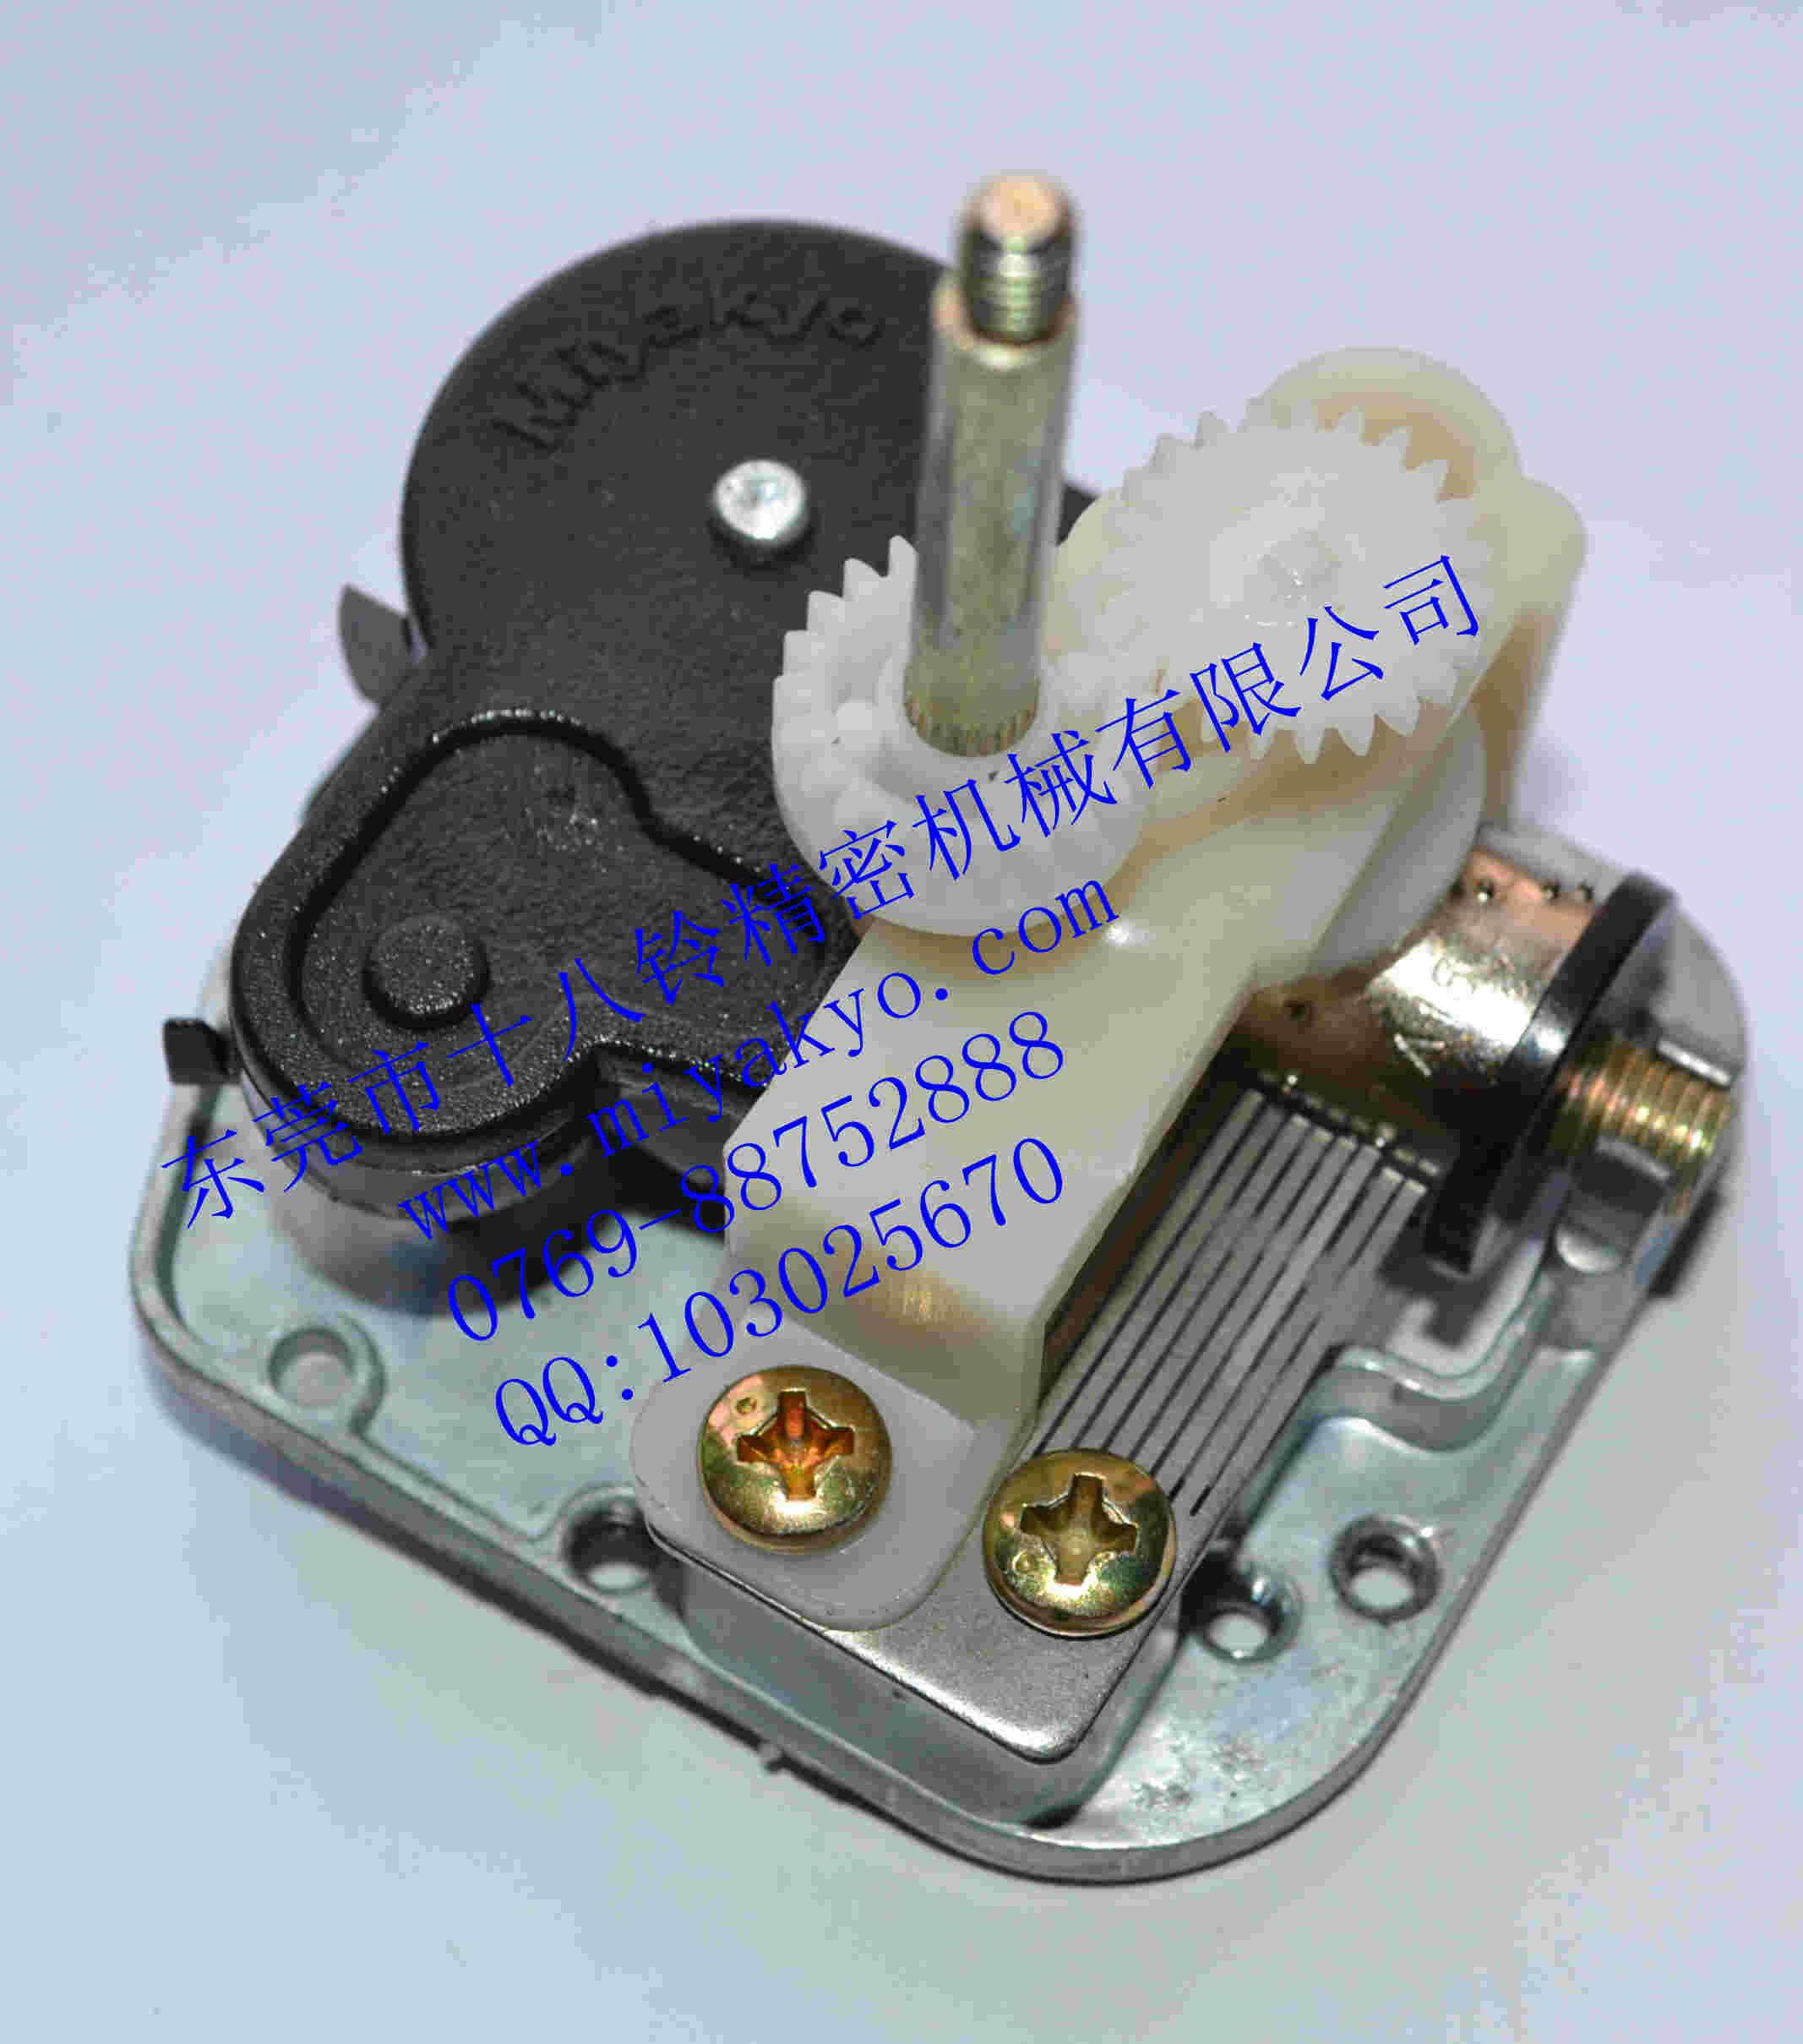 东莞专业的八音琴专业制造商是哪家-音乐铃机芯价位